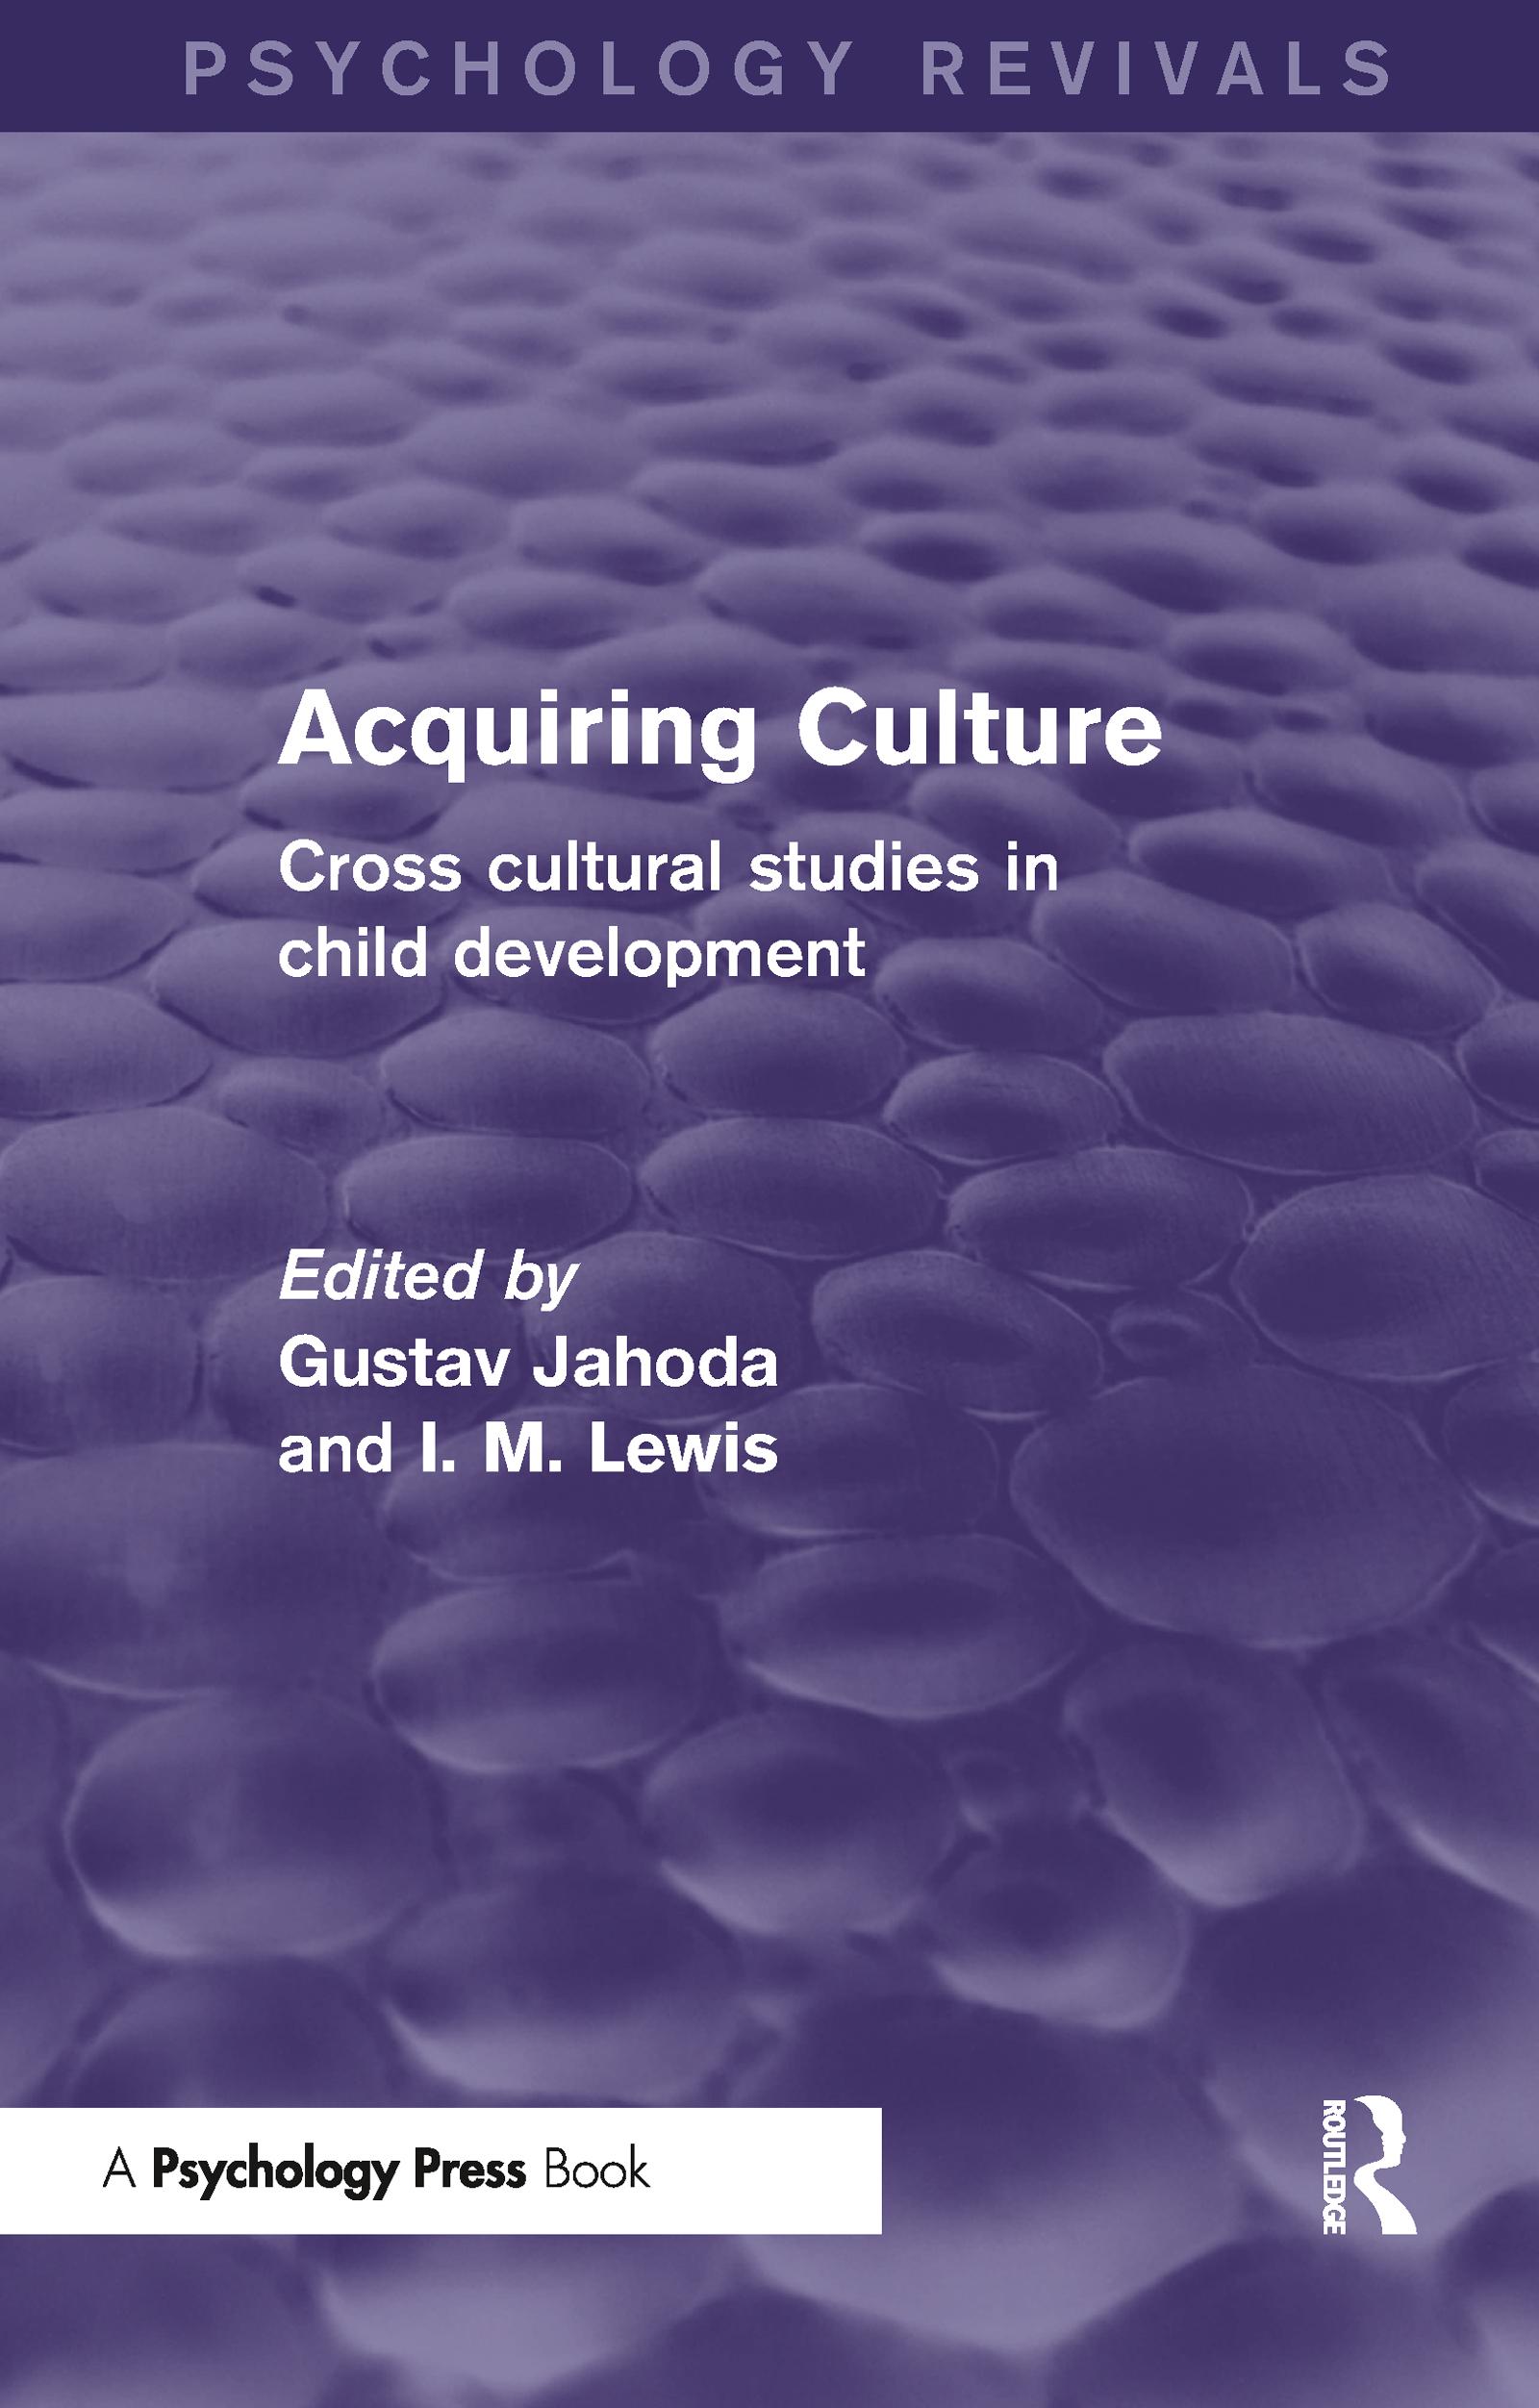 Acquiring Culture (Psychology Revivals)